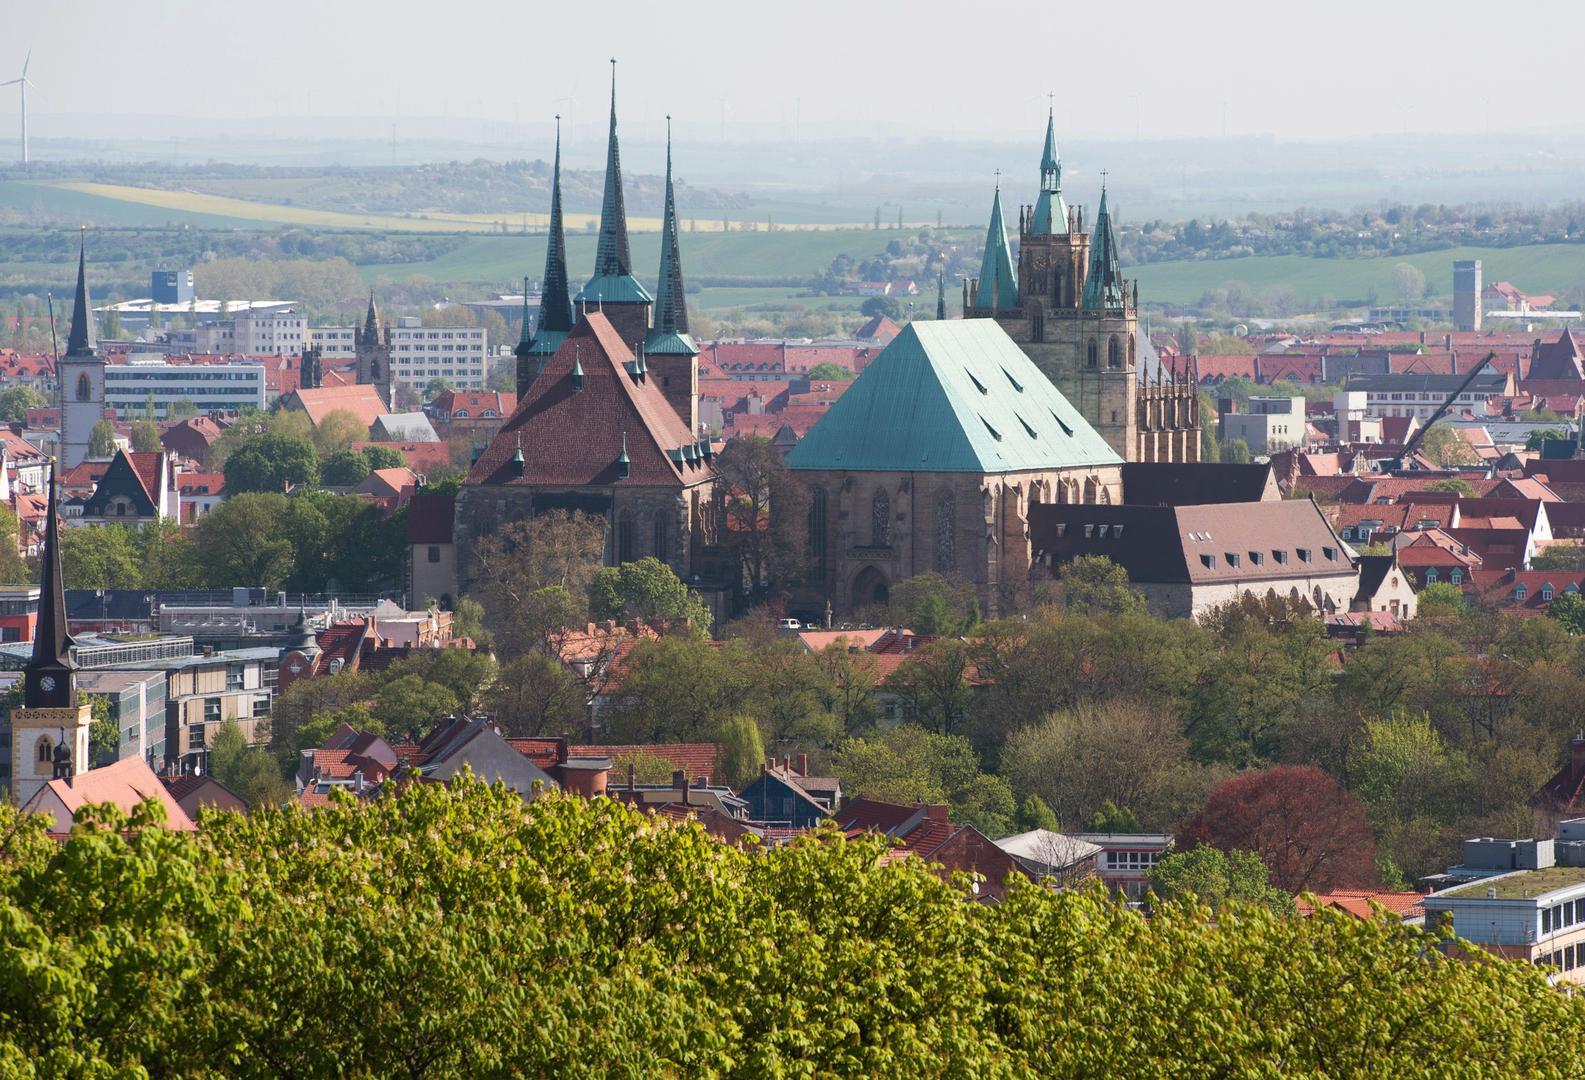 Der Erfurter Dom an einem Sommertag vom Petersberg aus fotografiert. Im Hintergrund die Erfurter Altstadt.